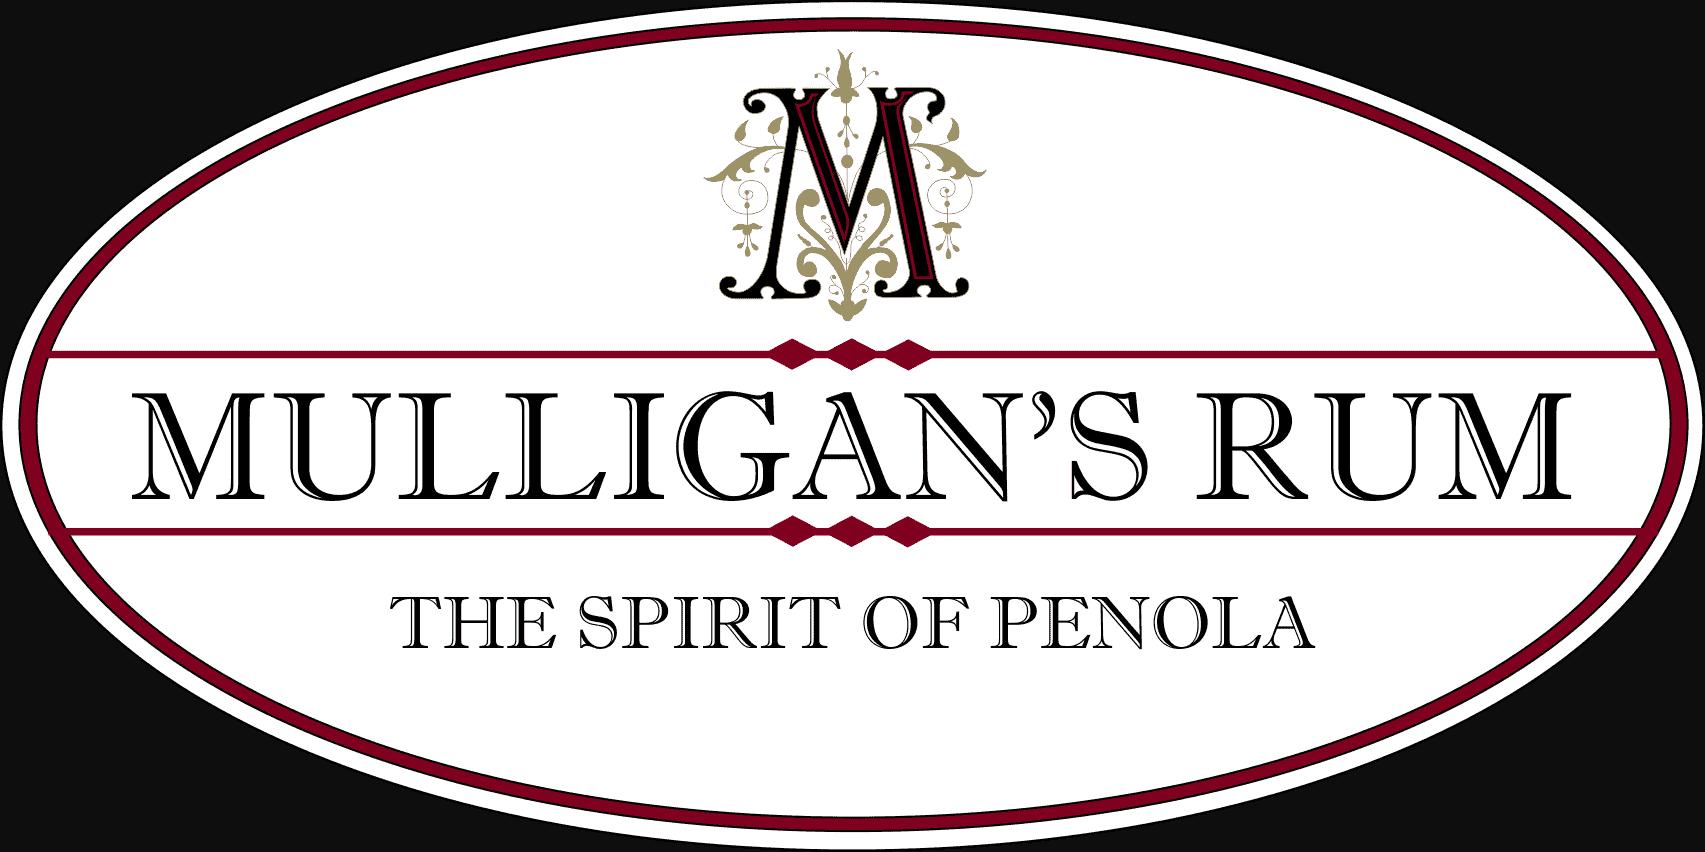 Mulligans rum logo